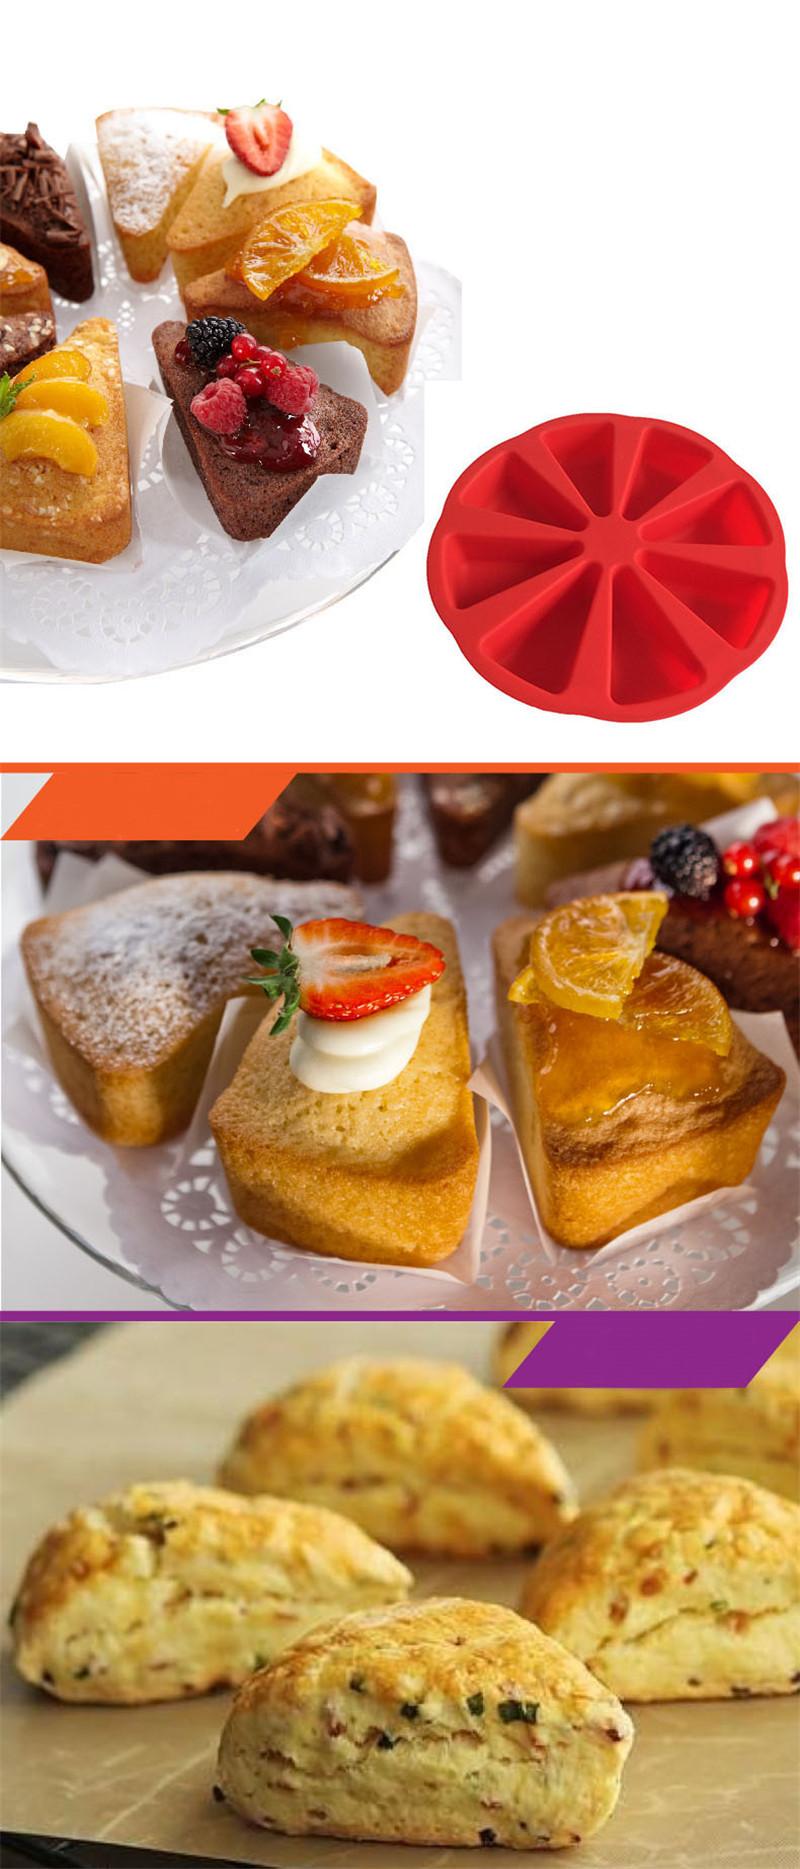 烤盘模具蛋糕盘硅胶蛋糕模布丁三角蛋糕模松饼烘焙工具软糖蛋糕模5